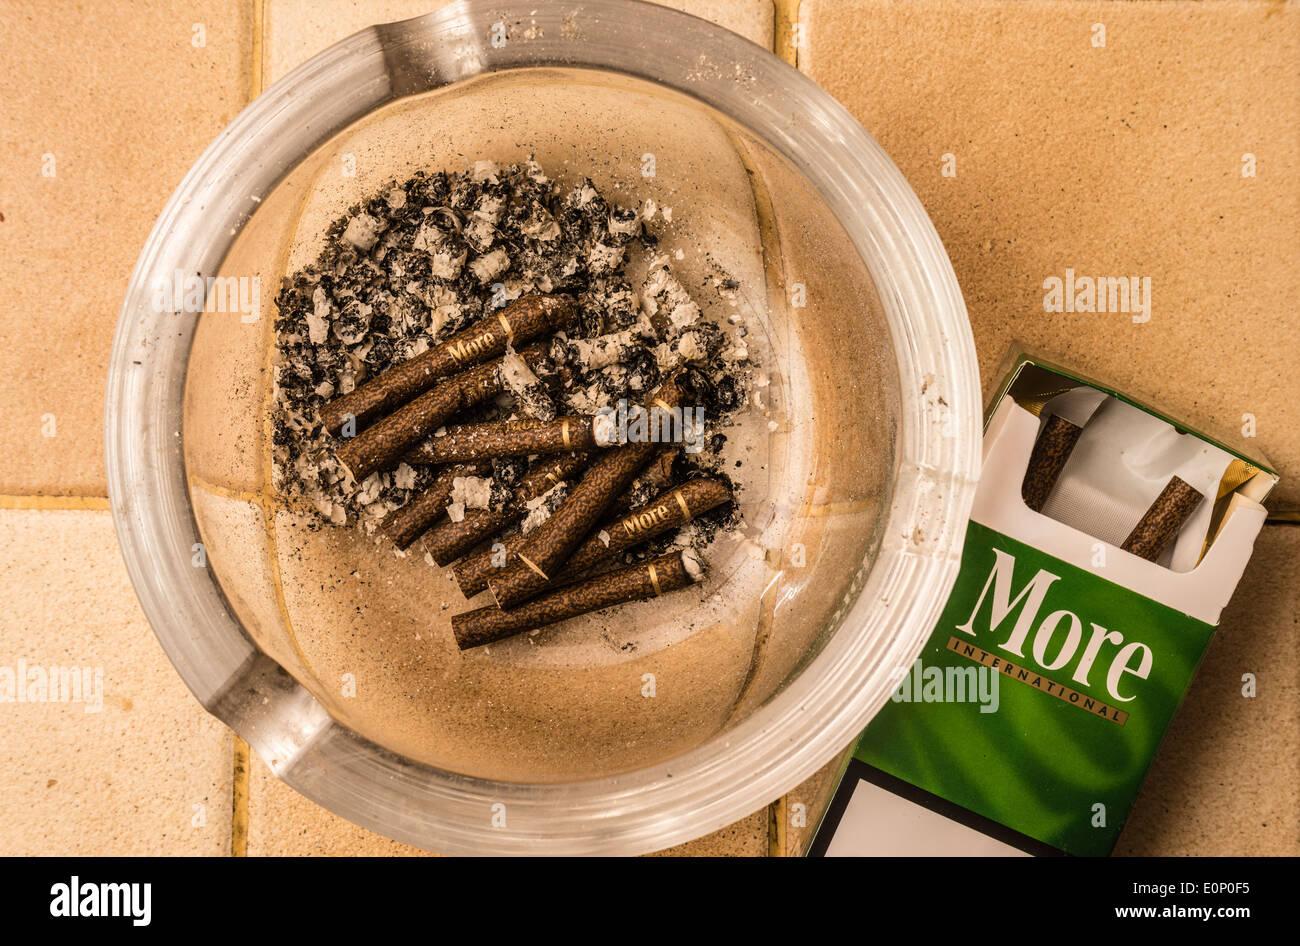 Marlboro cigarettes in Pennsylvania